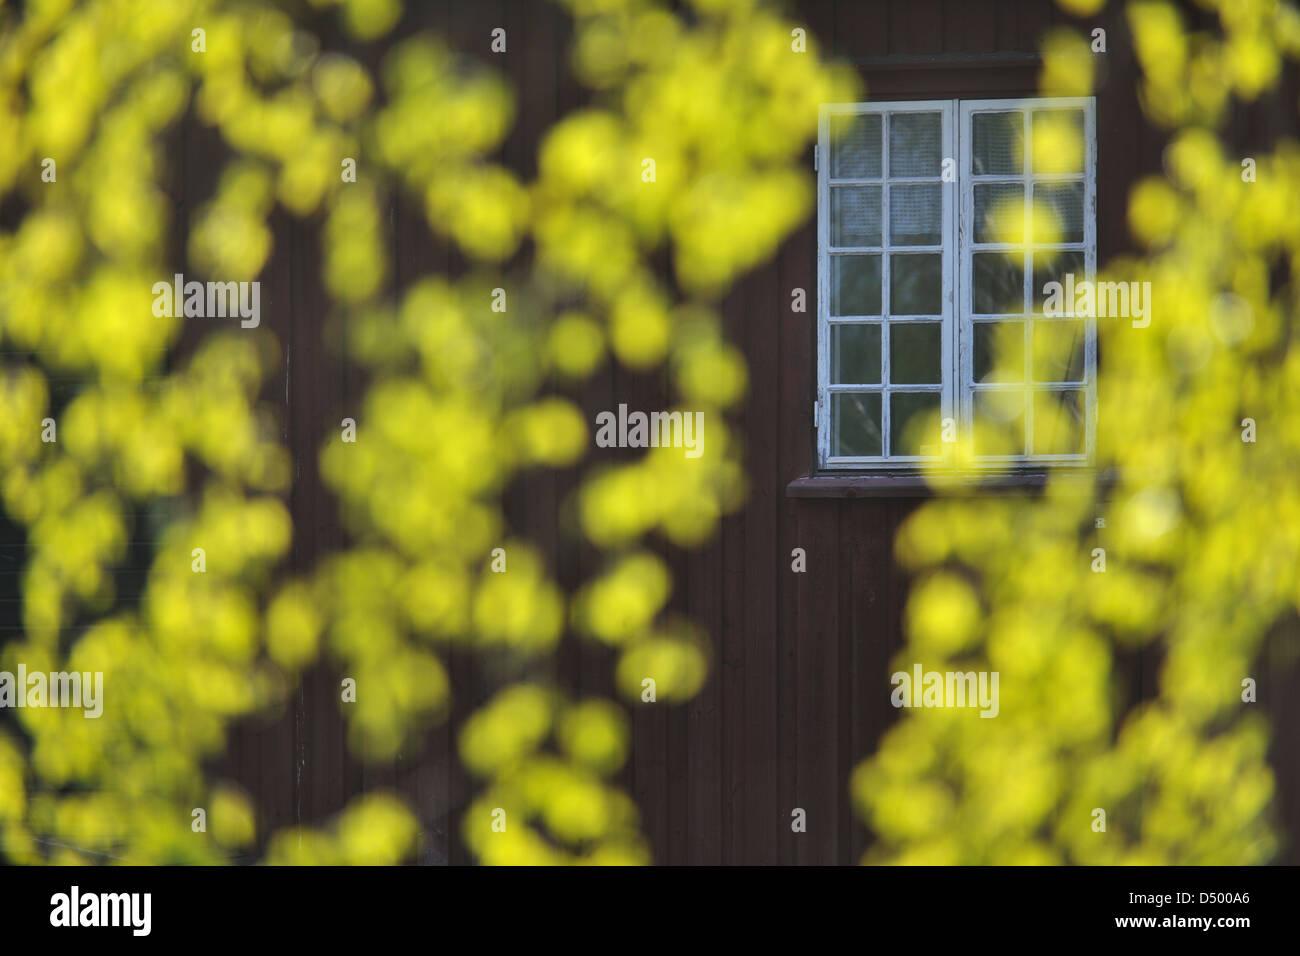 Bauernhof hinter sonnenbeschienenen verlässt, Munkfors, Värmland, Schweden, Europa Stockbild